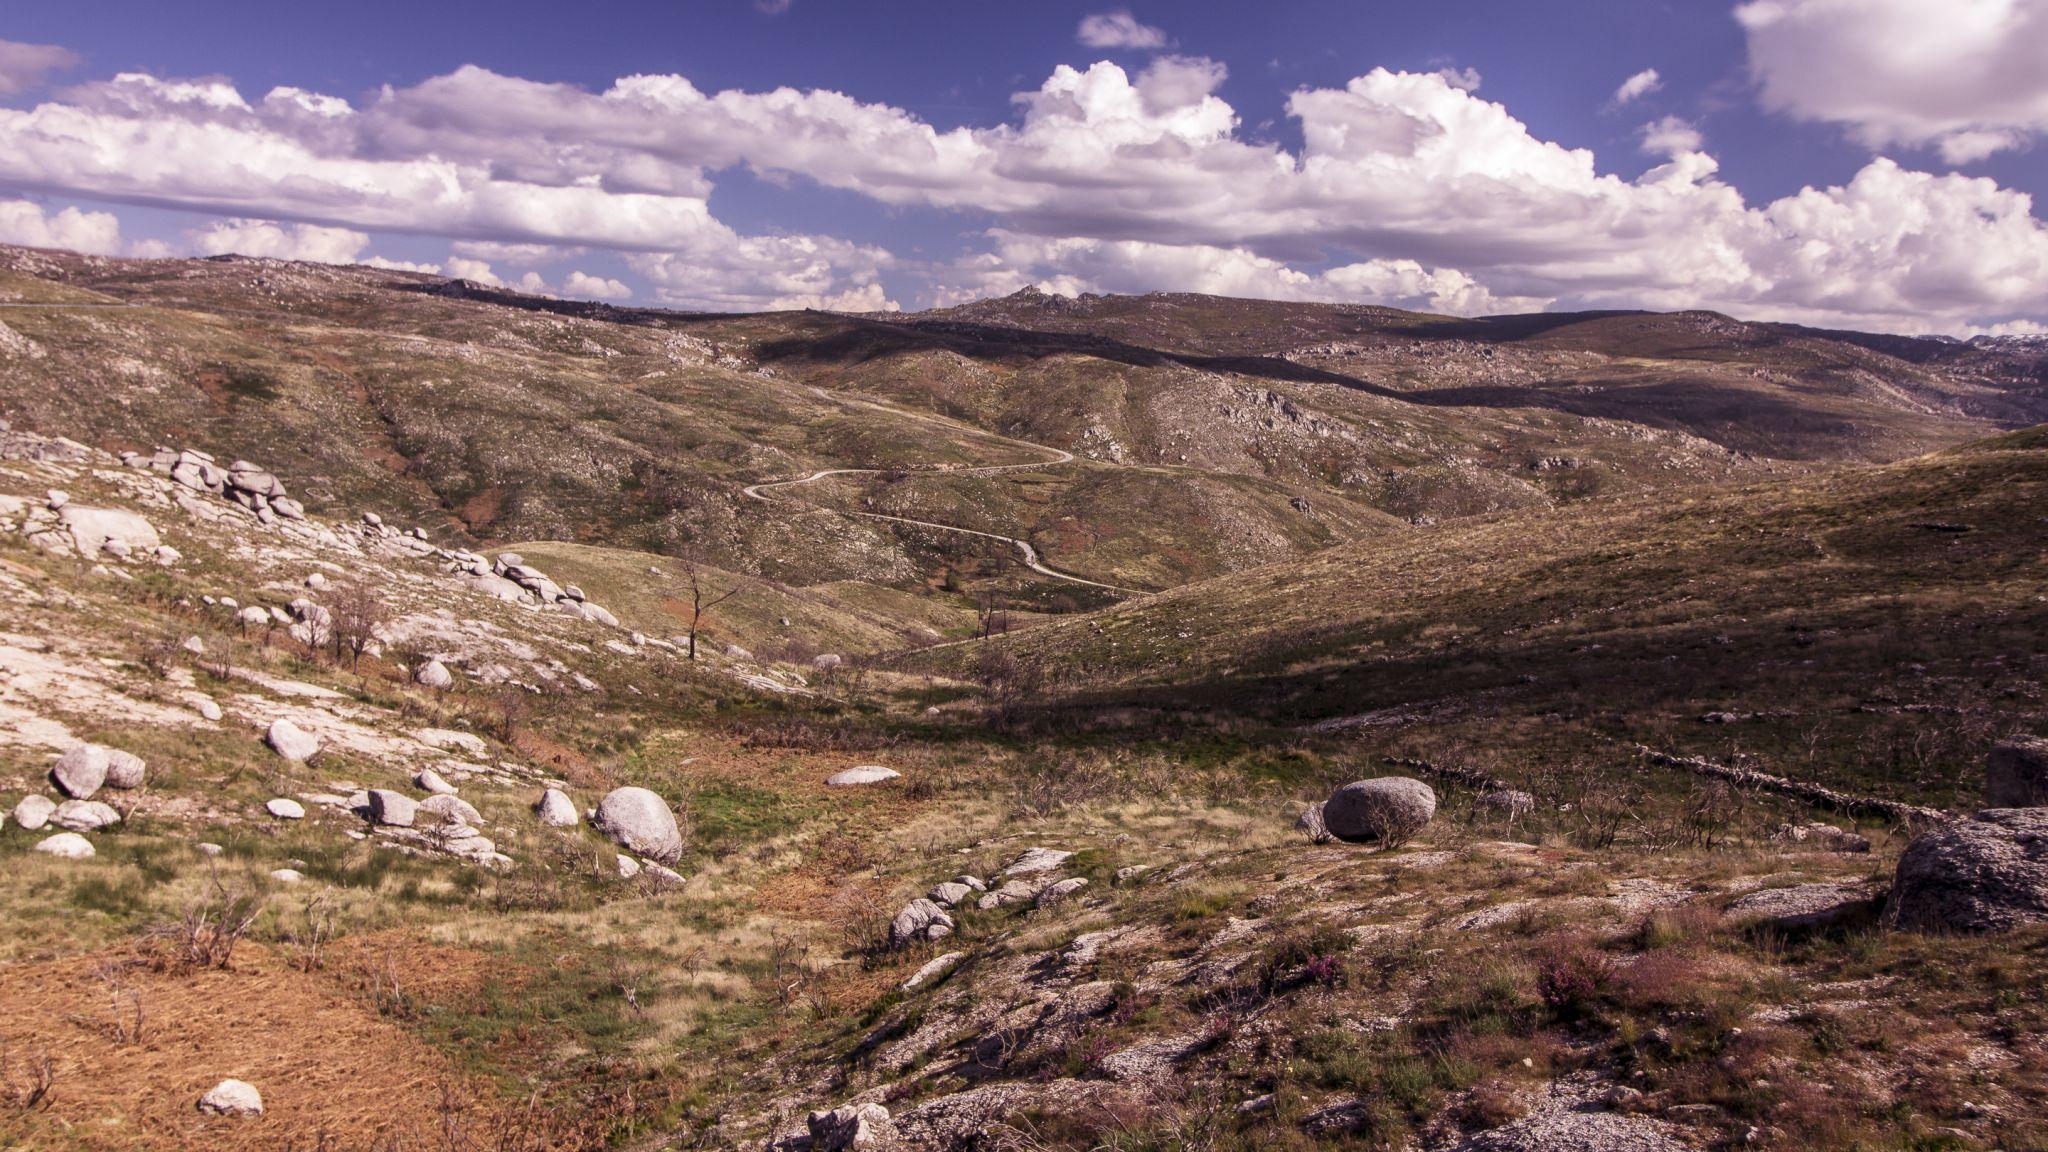 Panoramic view over Serra da Estrela, Portugal